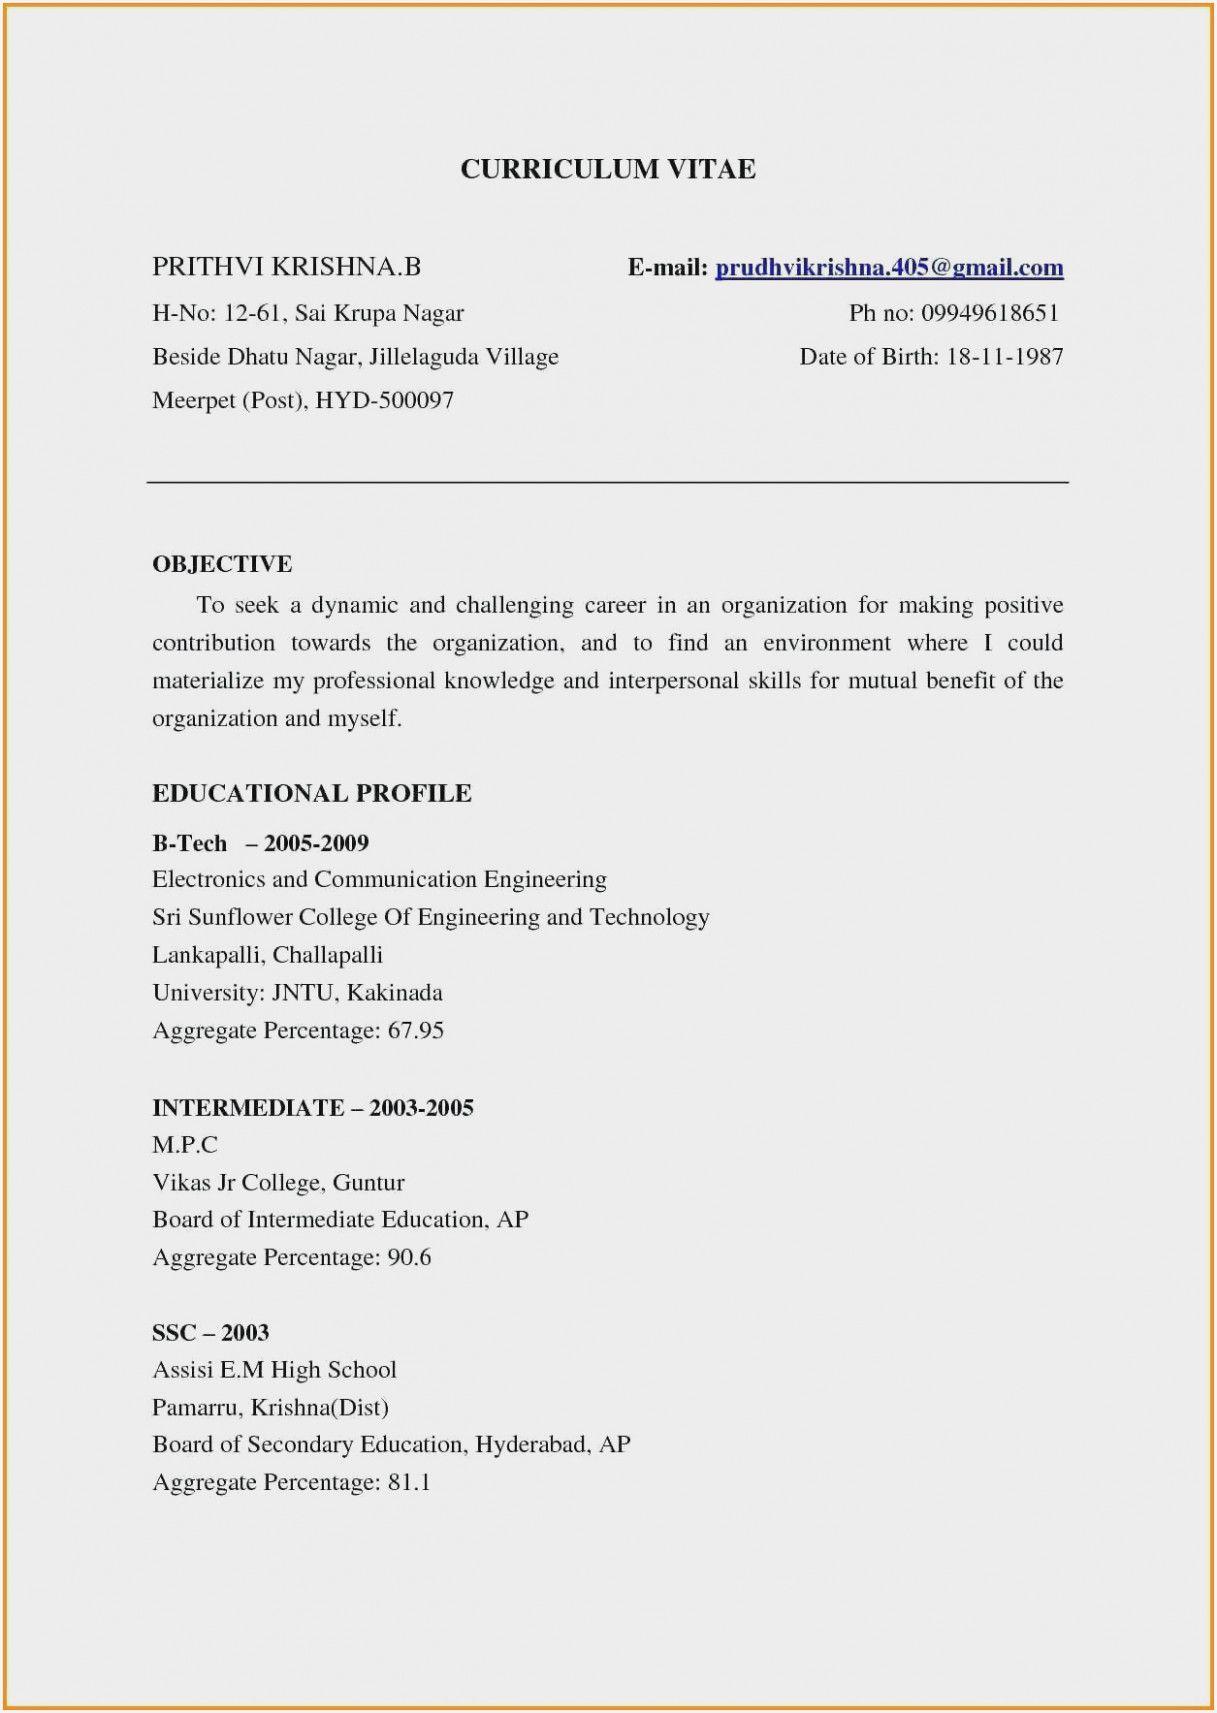 Resume Format For Job Fresher